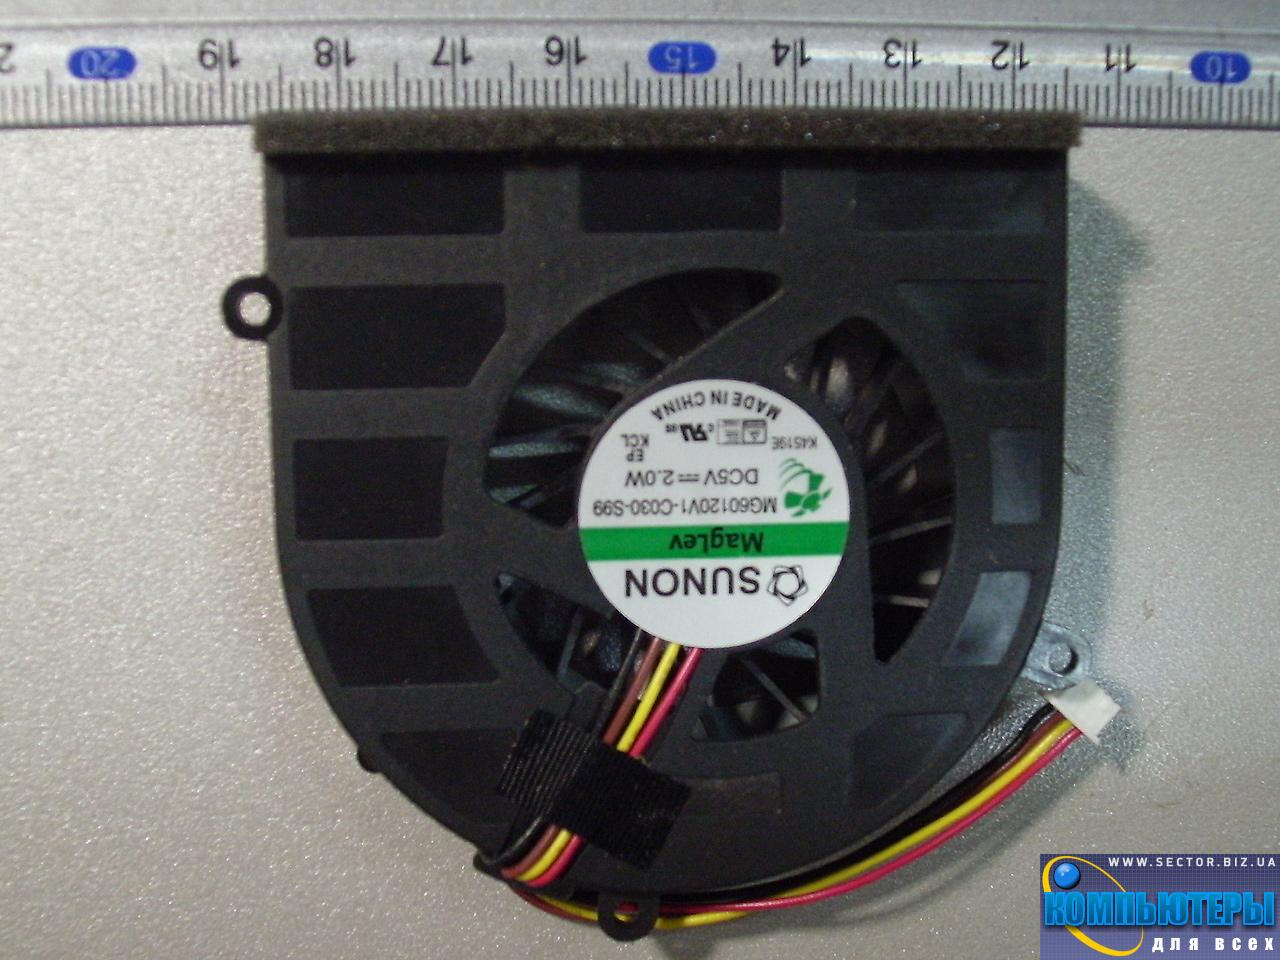 Кулер к ноутбуку Lenovo G470 G470A G470AH G475 G475A G474GL G470AL G570 G575 p/n: MG60120V1-C030-S99. Фото № 5.